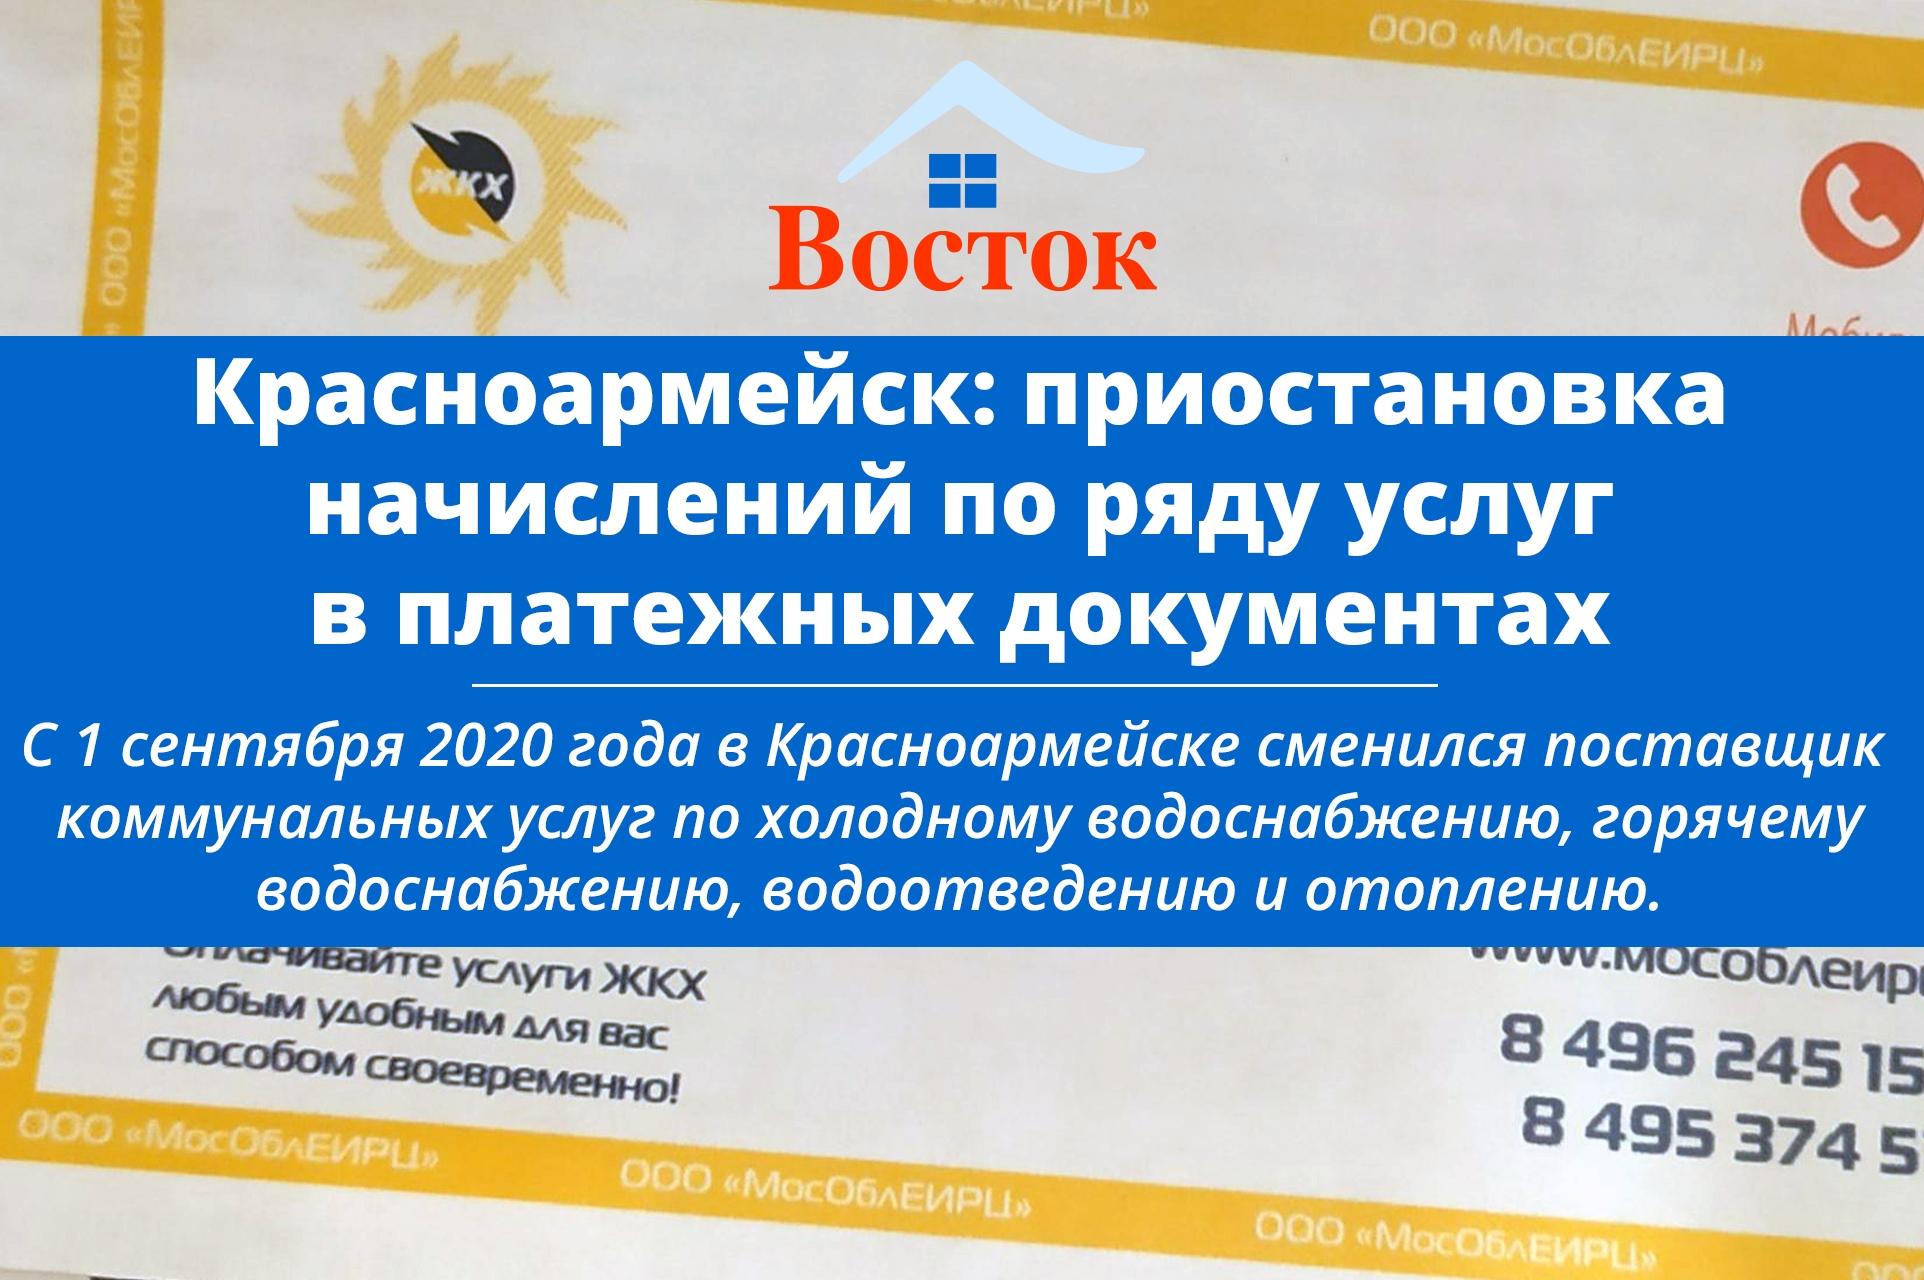 Красноармейск: приостановка начислений по ряду услуг в платежных документах